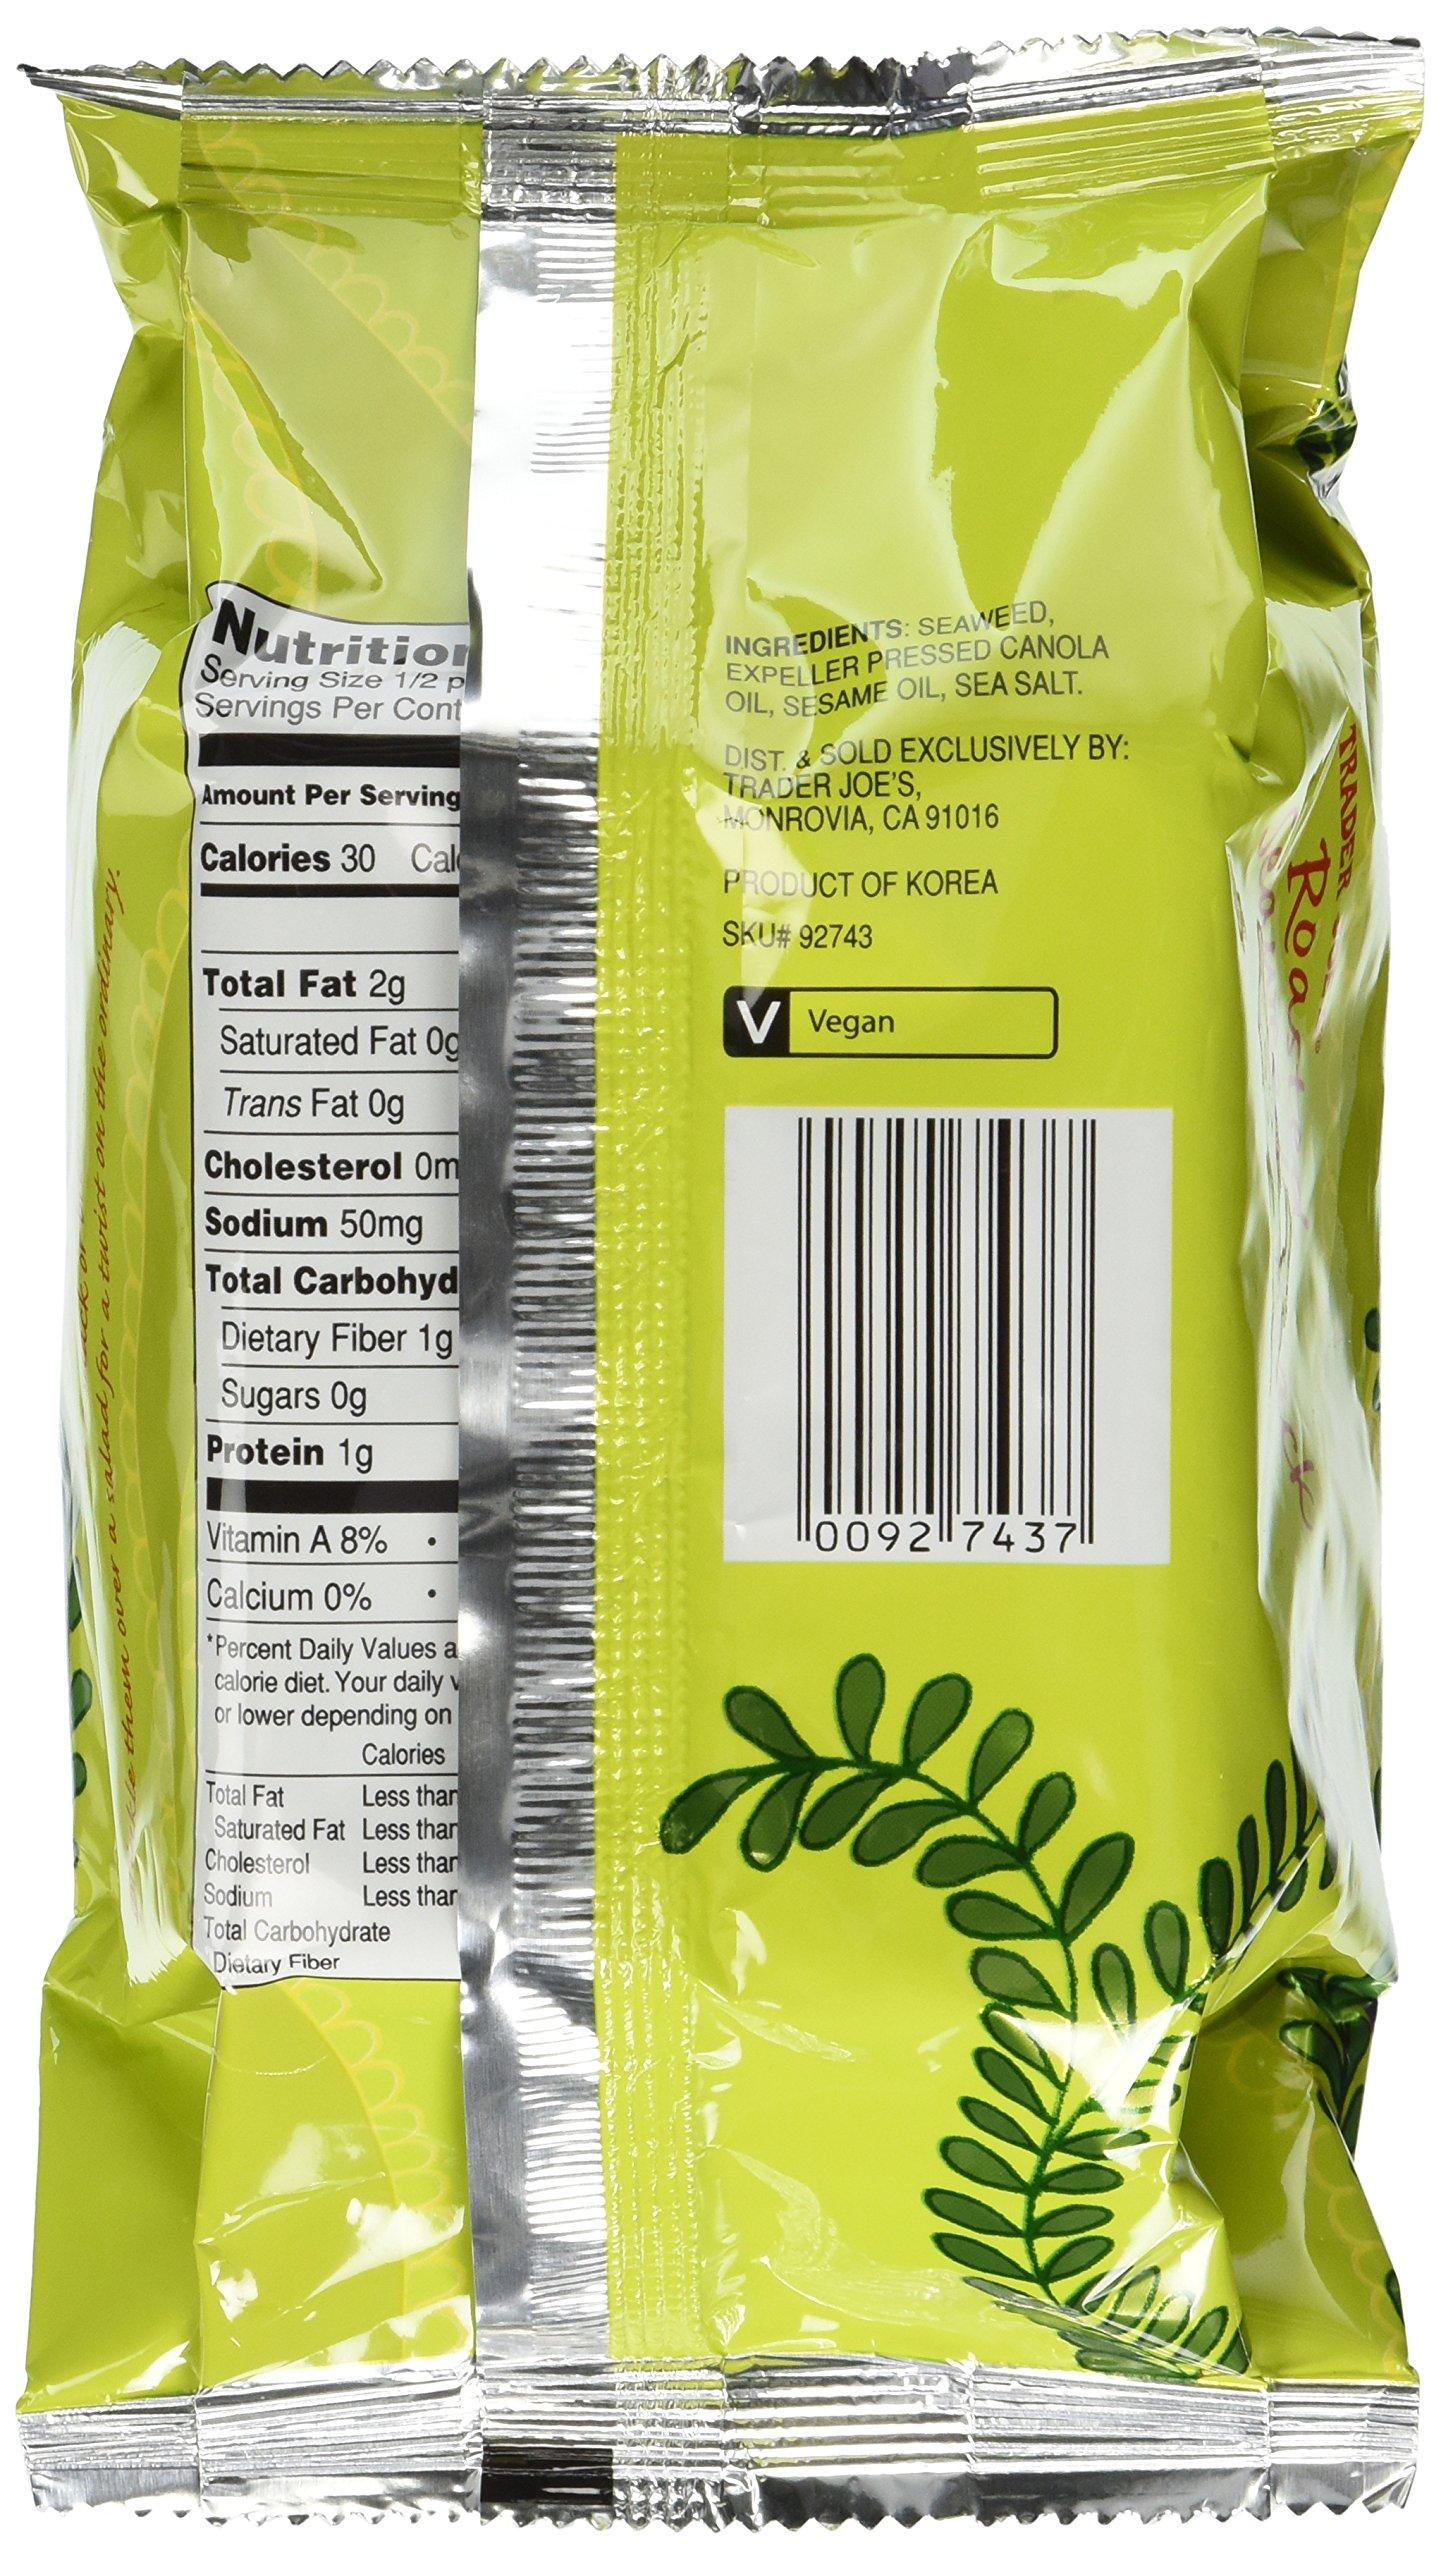 Trader Joe's Roasted Seaweed Snack, Net Wt. 0.4 oz(11.3g)per pack  (Pack of 6)